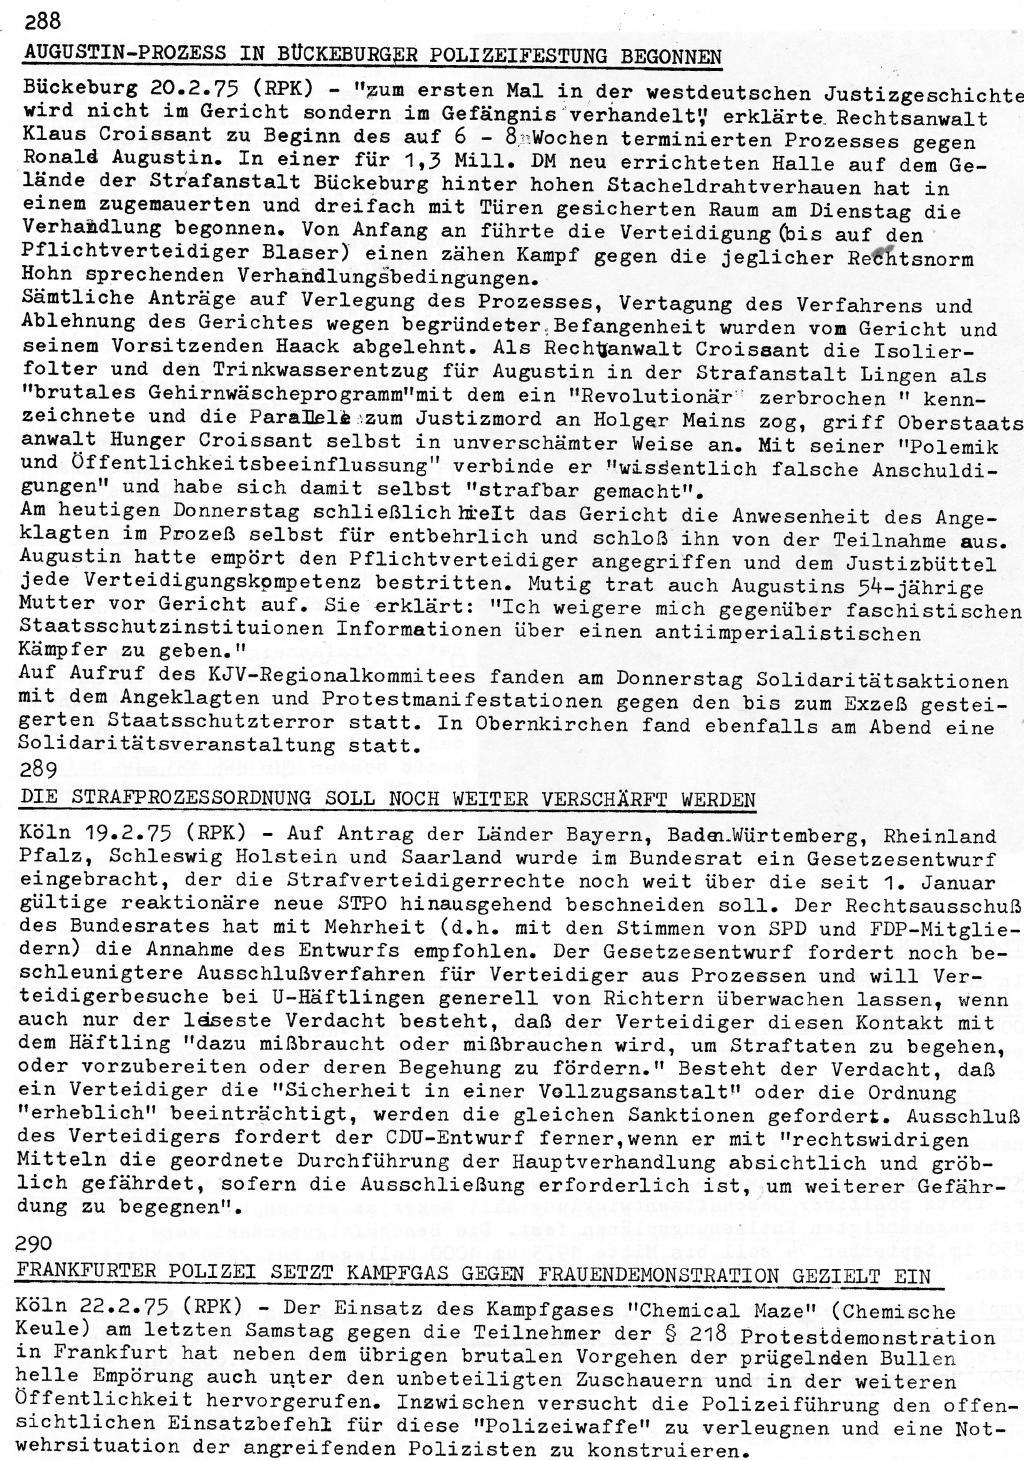 RPK_Pressedienst_1975_14_05